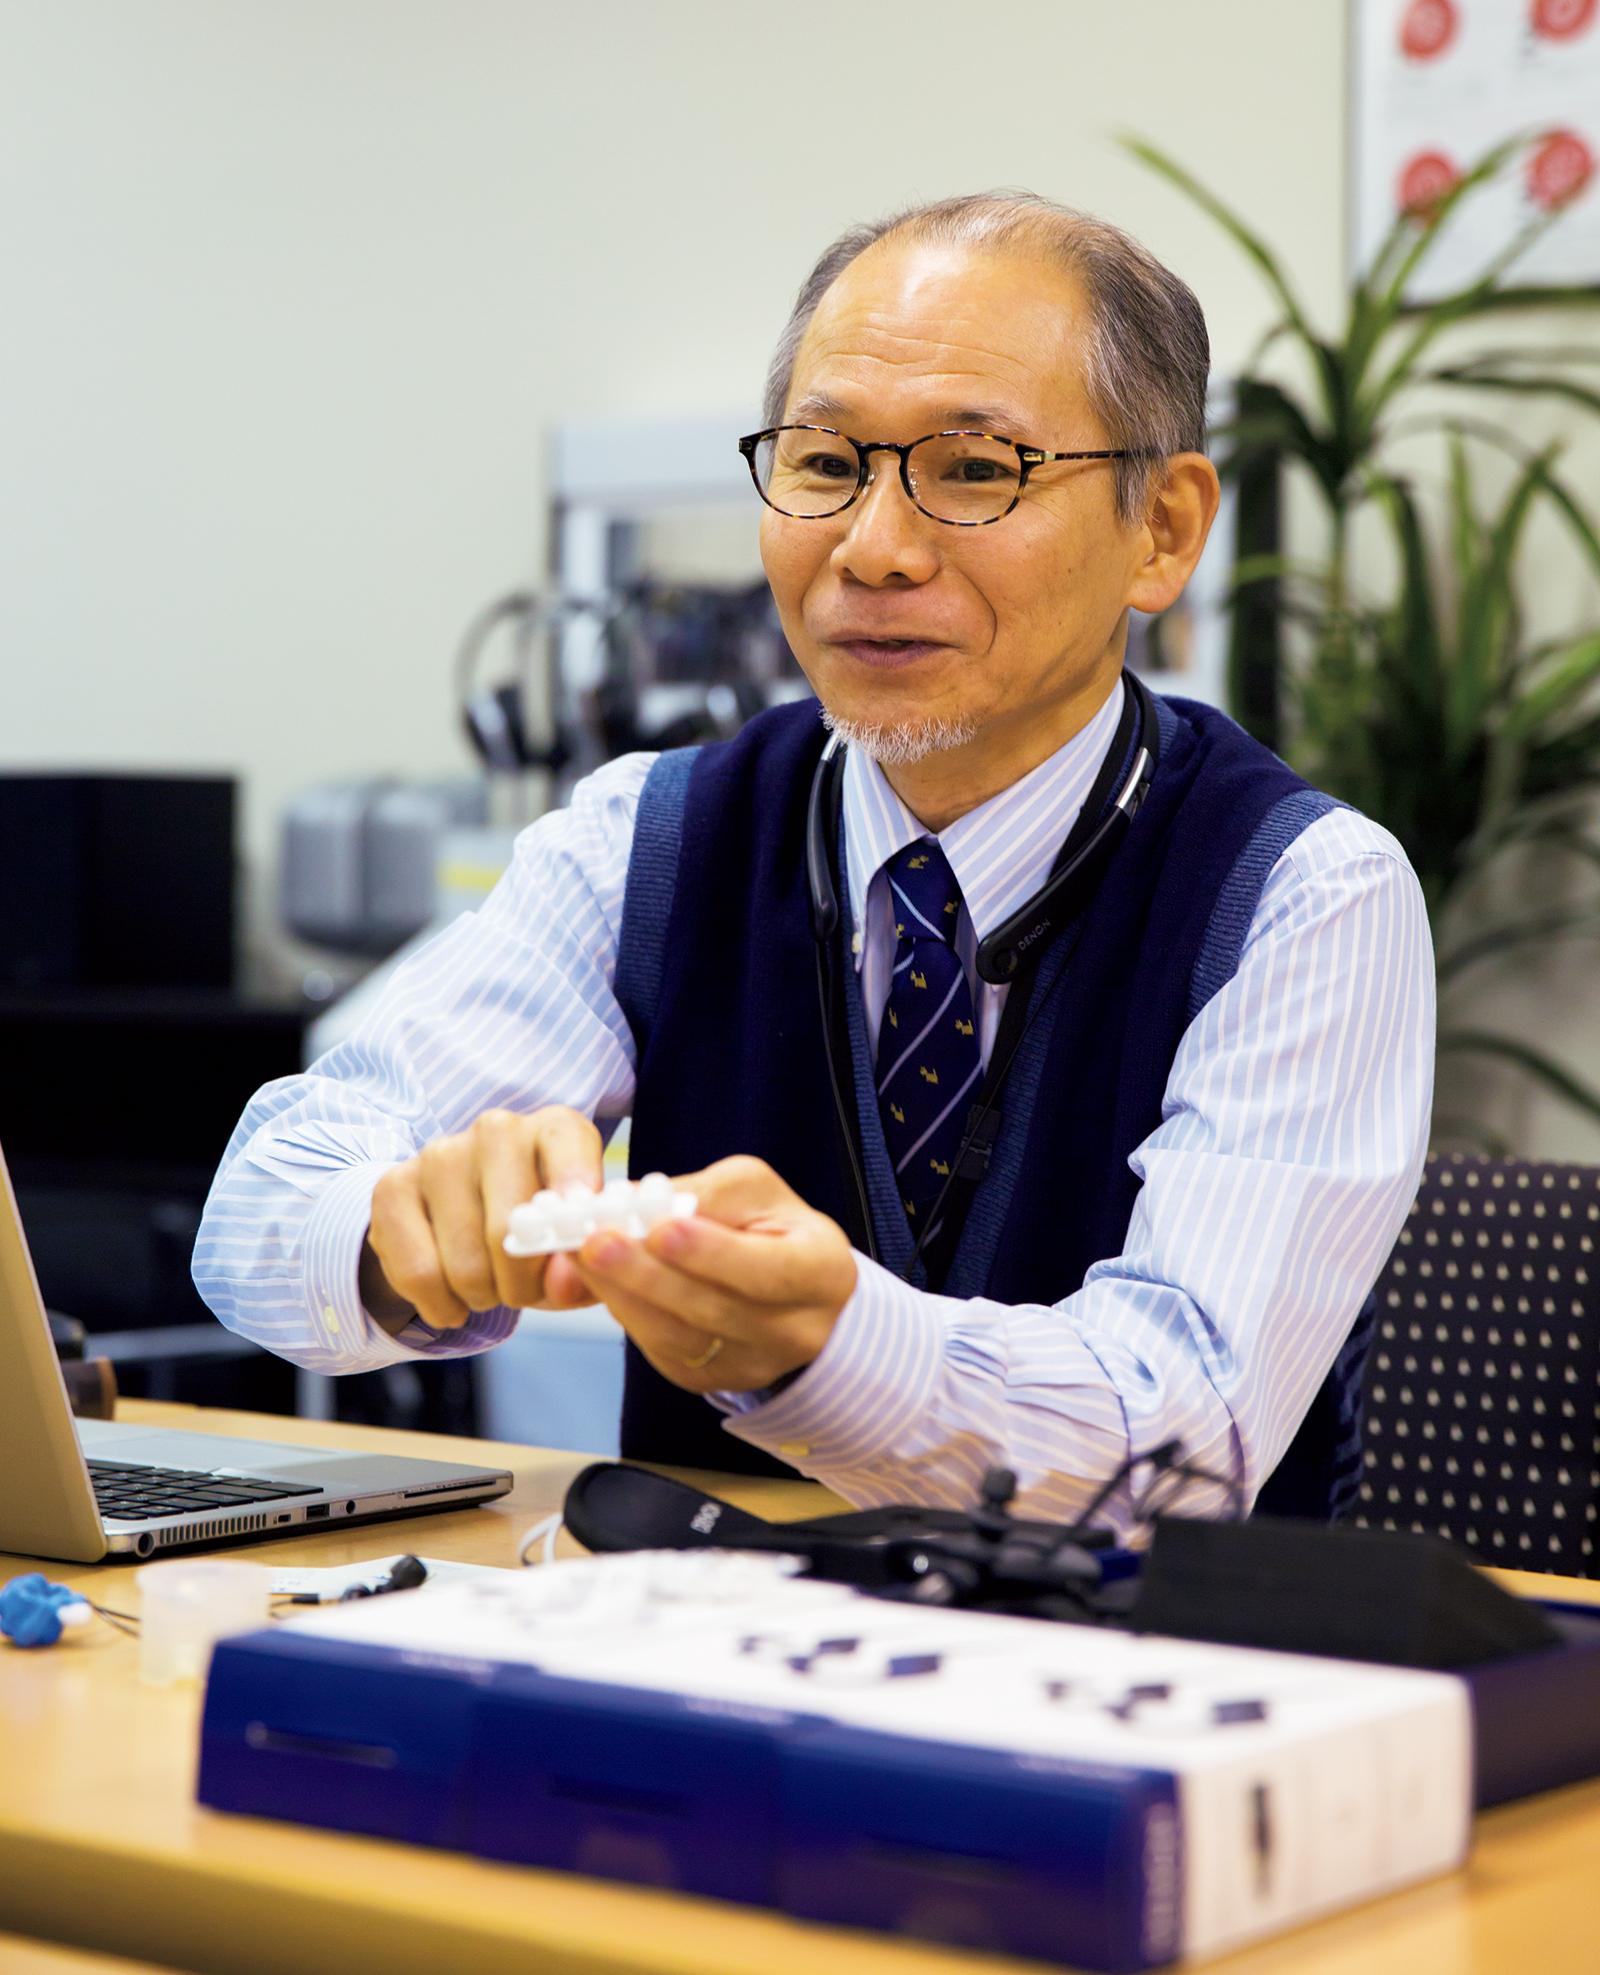 D&Mホールディングスにてライフスタイルエンジニアリング マネージャーとして、ヘッドホン/イヤホンの設計開発を統括する竹野勝義さん